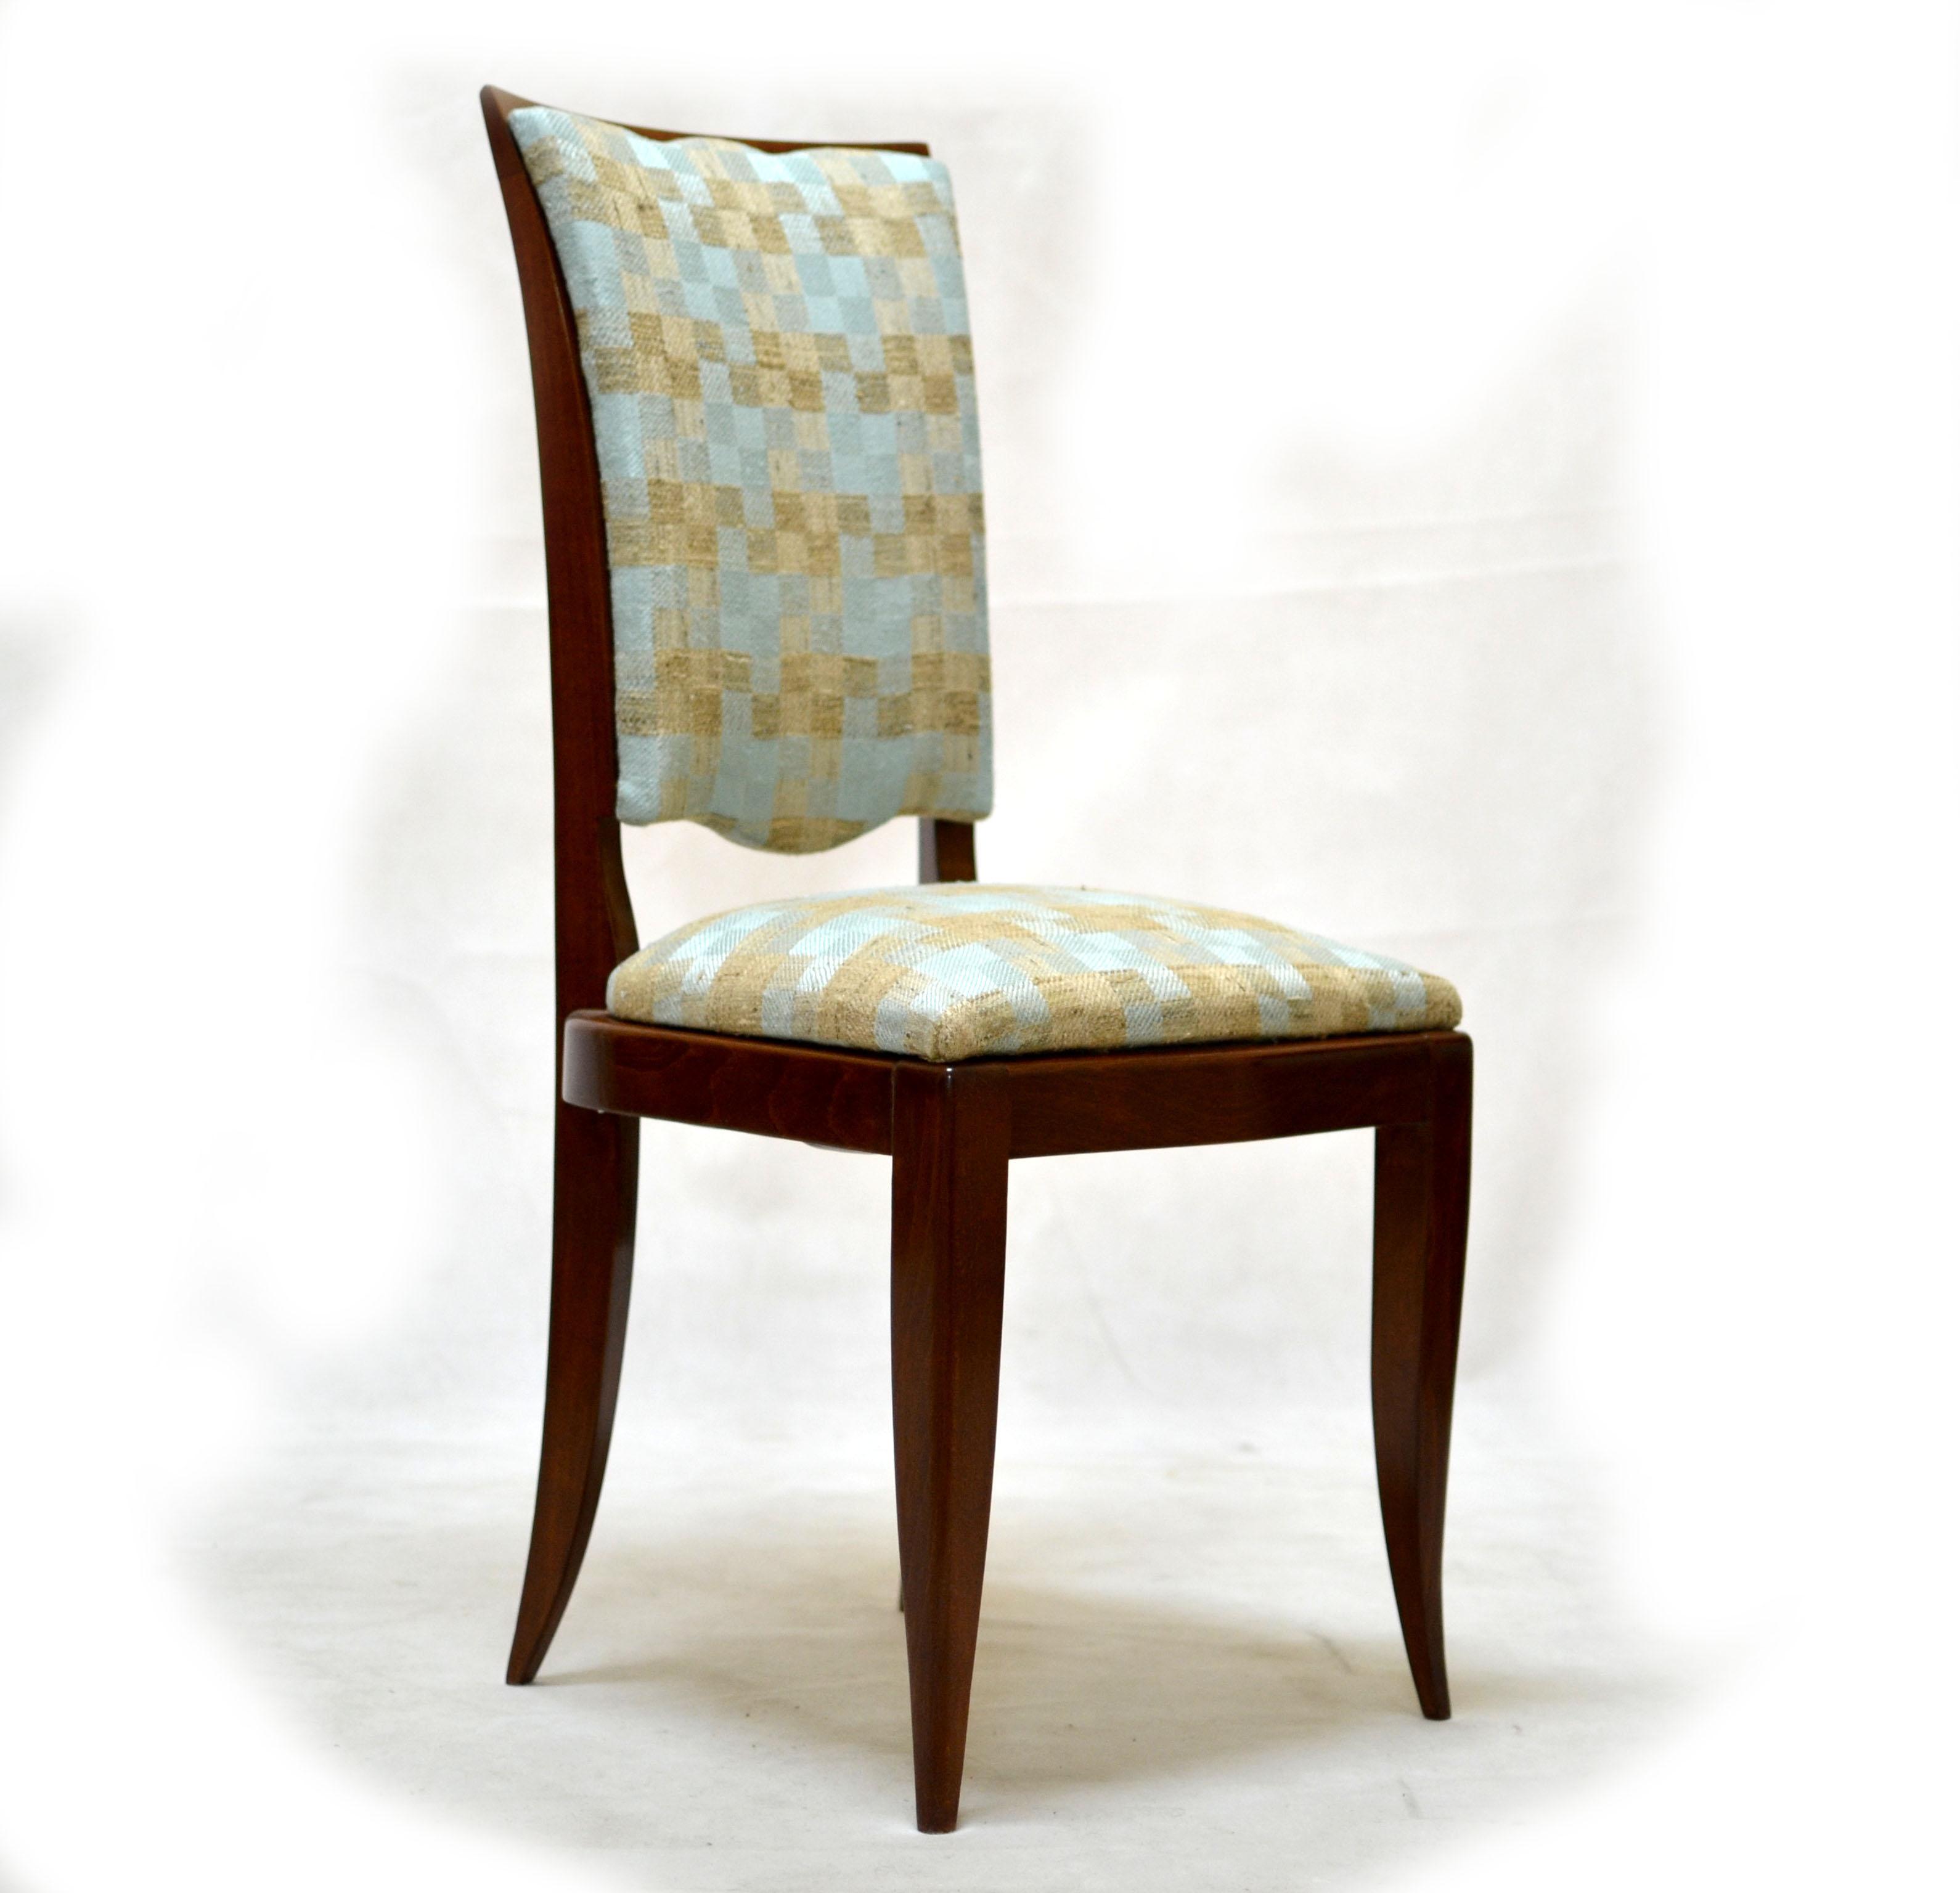 Sillas ulysse art dec anticuarios muebles artdeco for Anticuarios madrid muebles